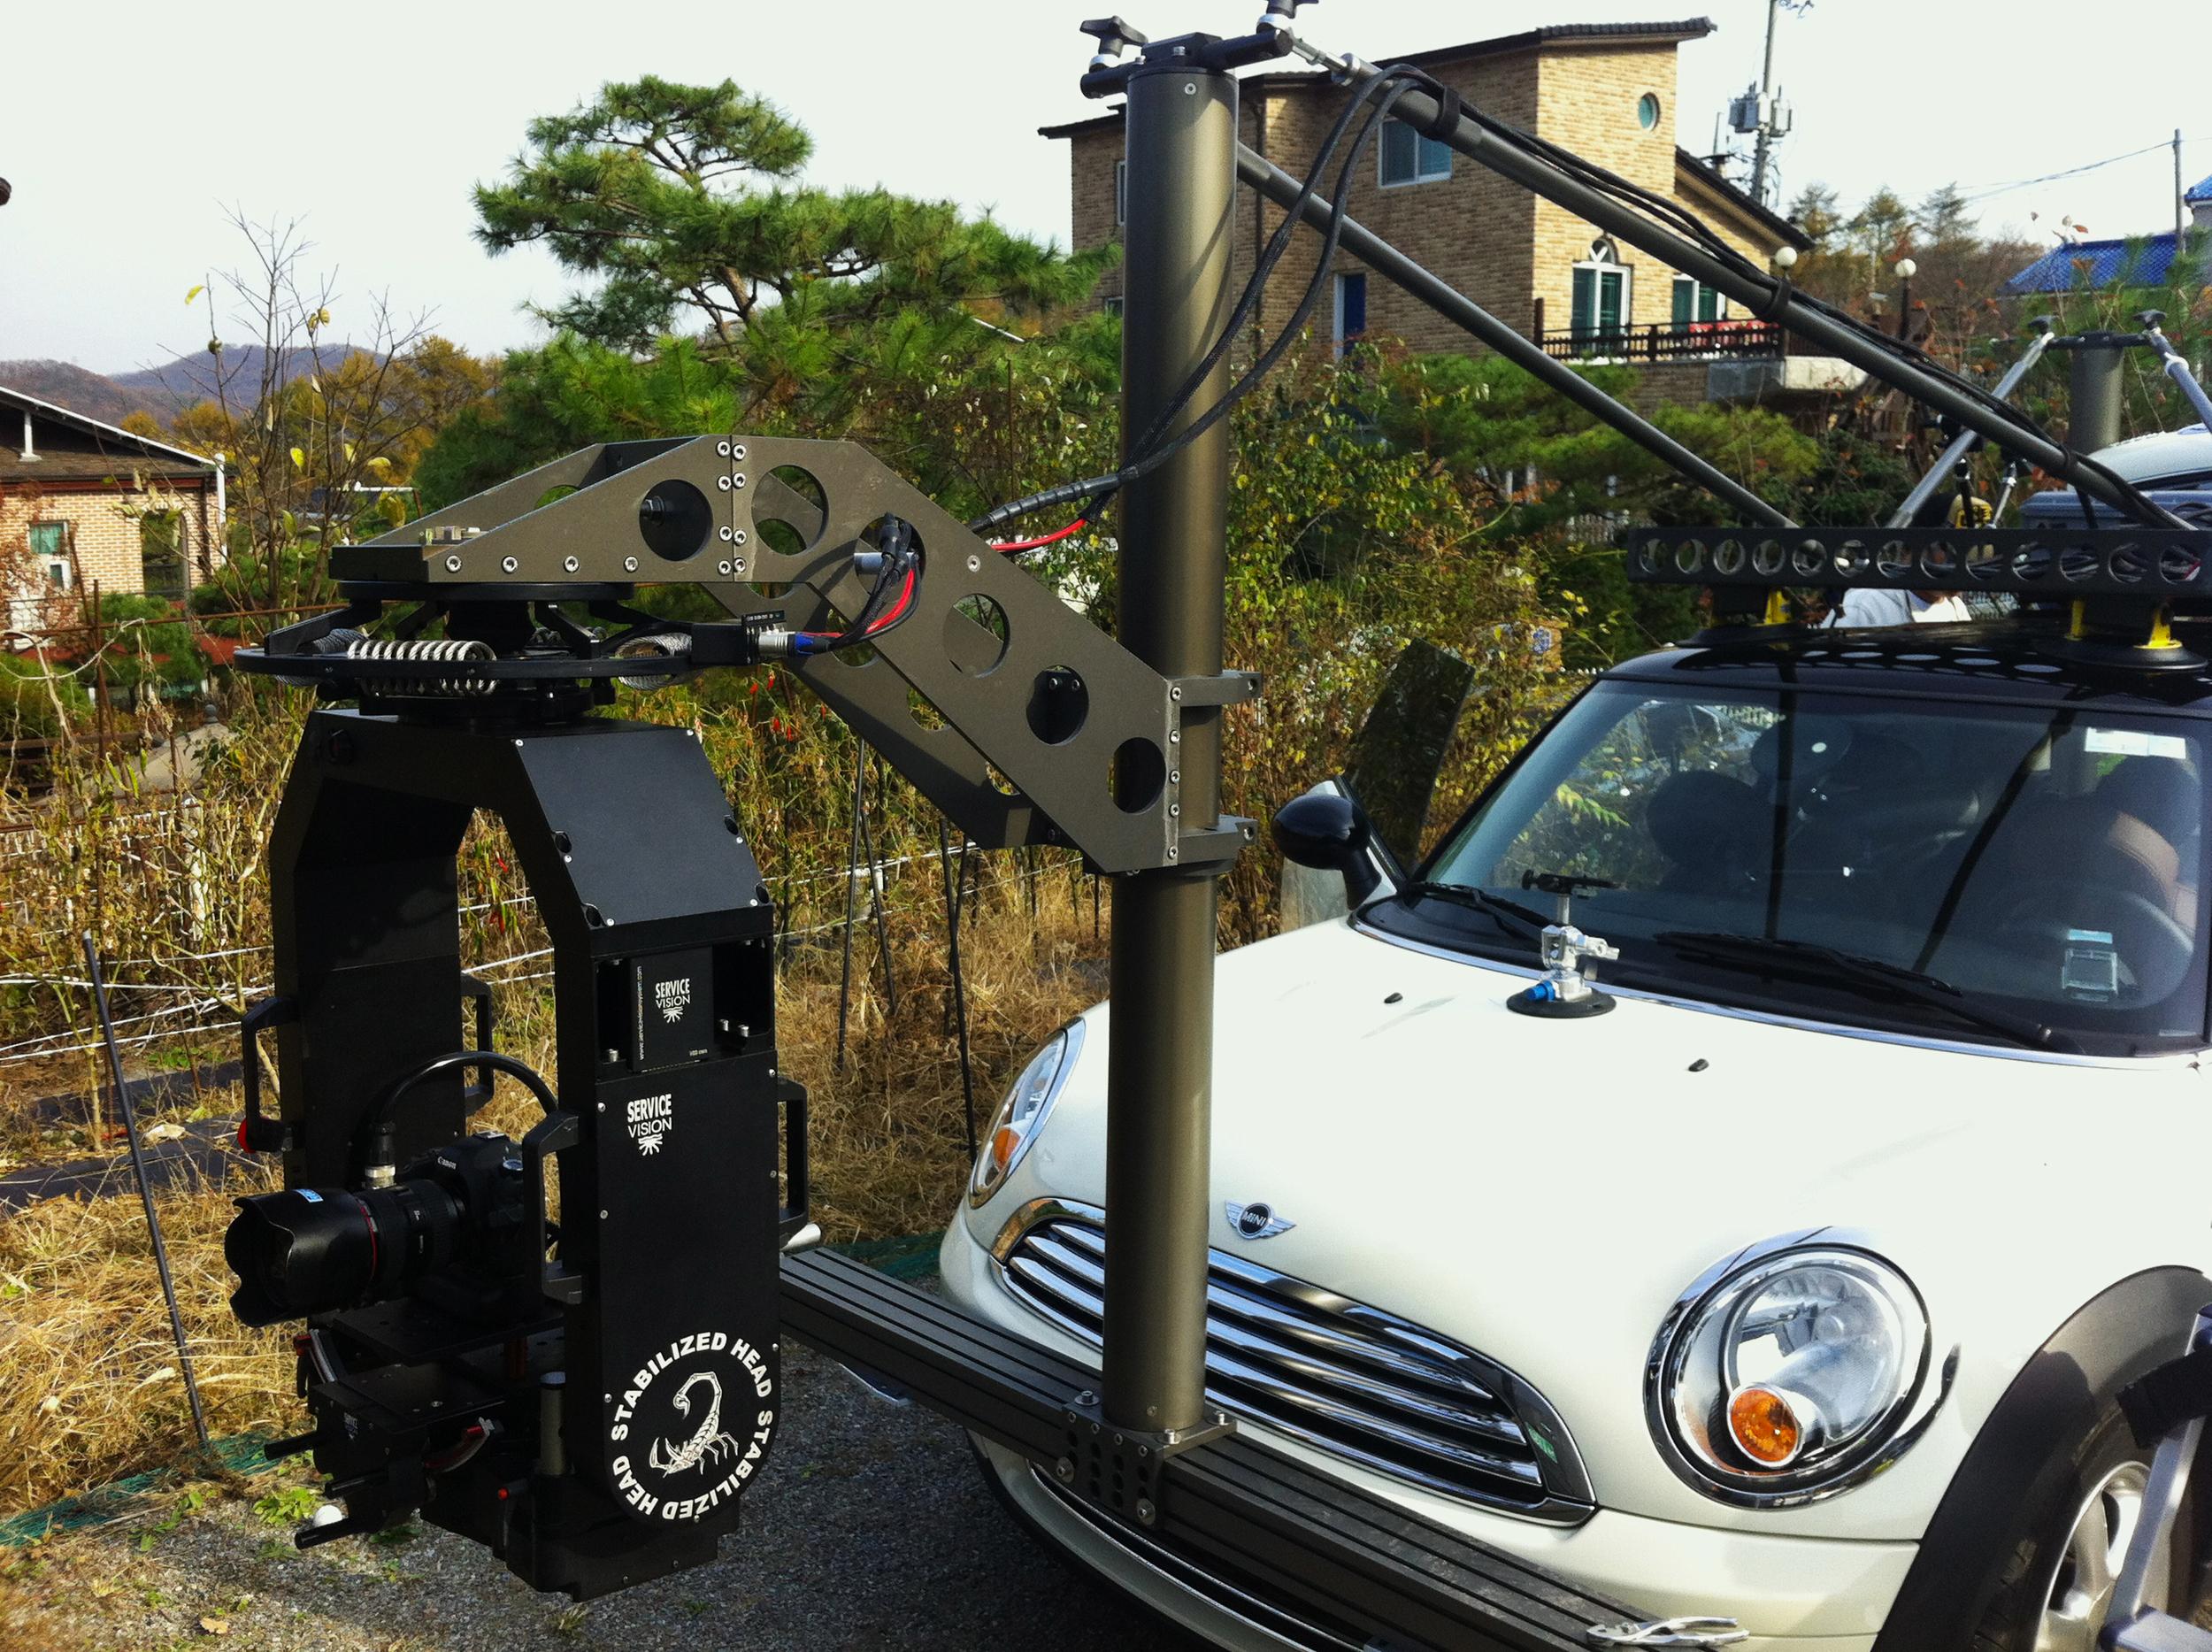 camera car mini.jpg